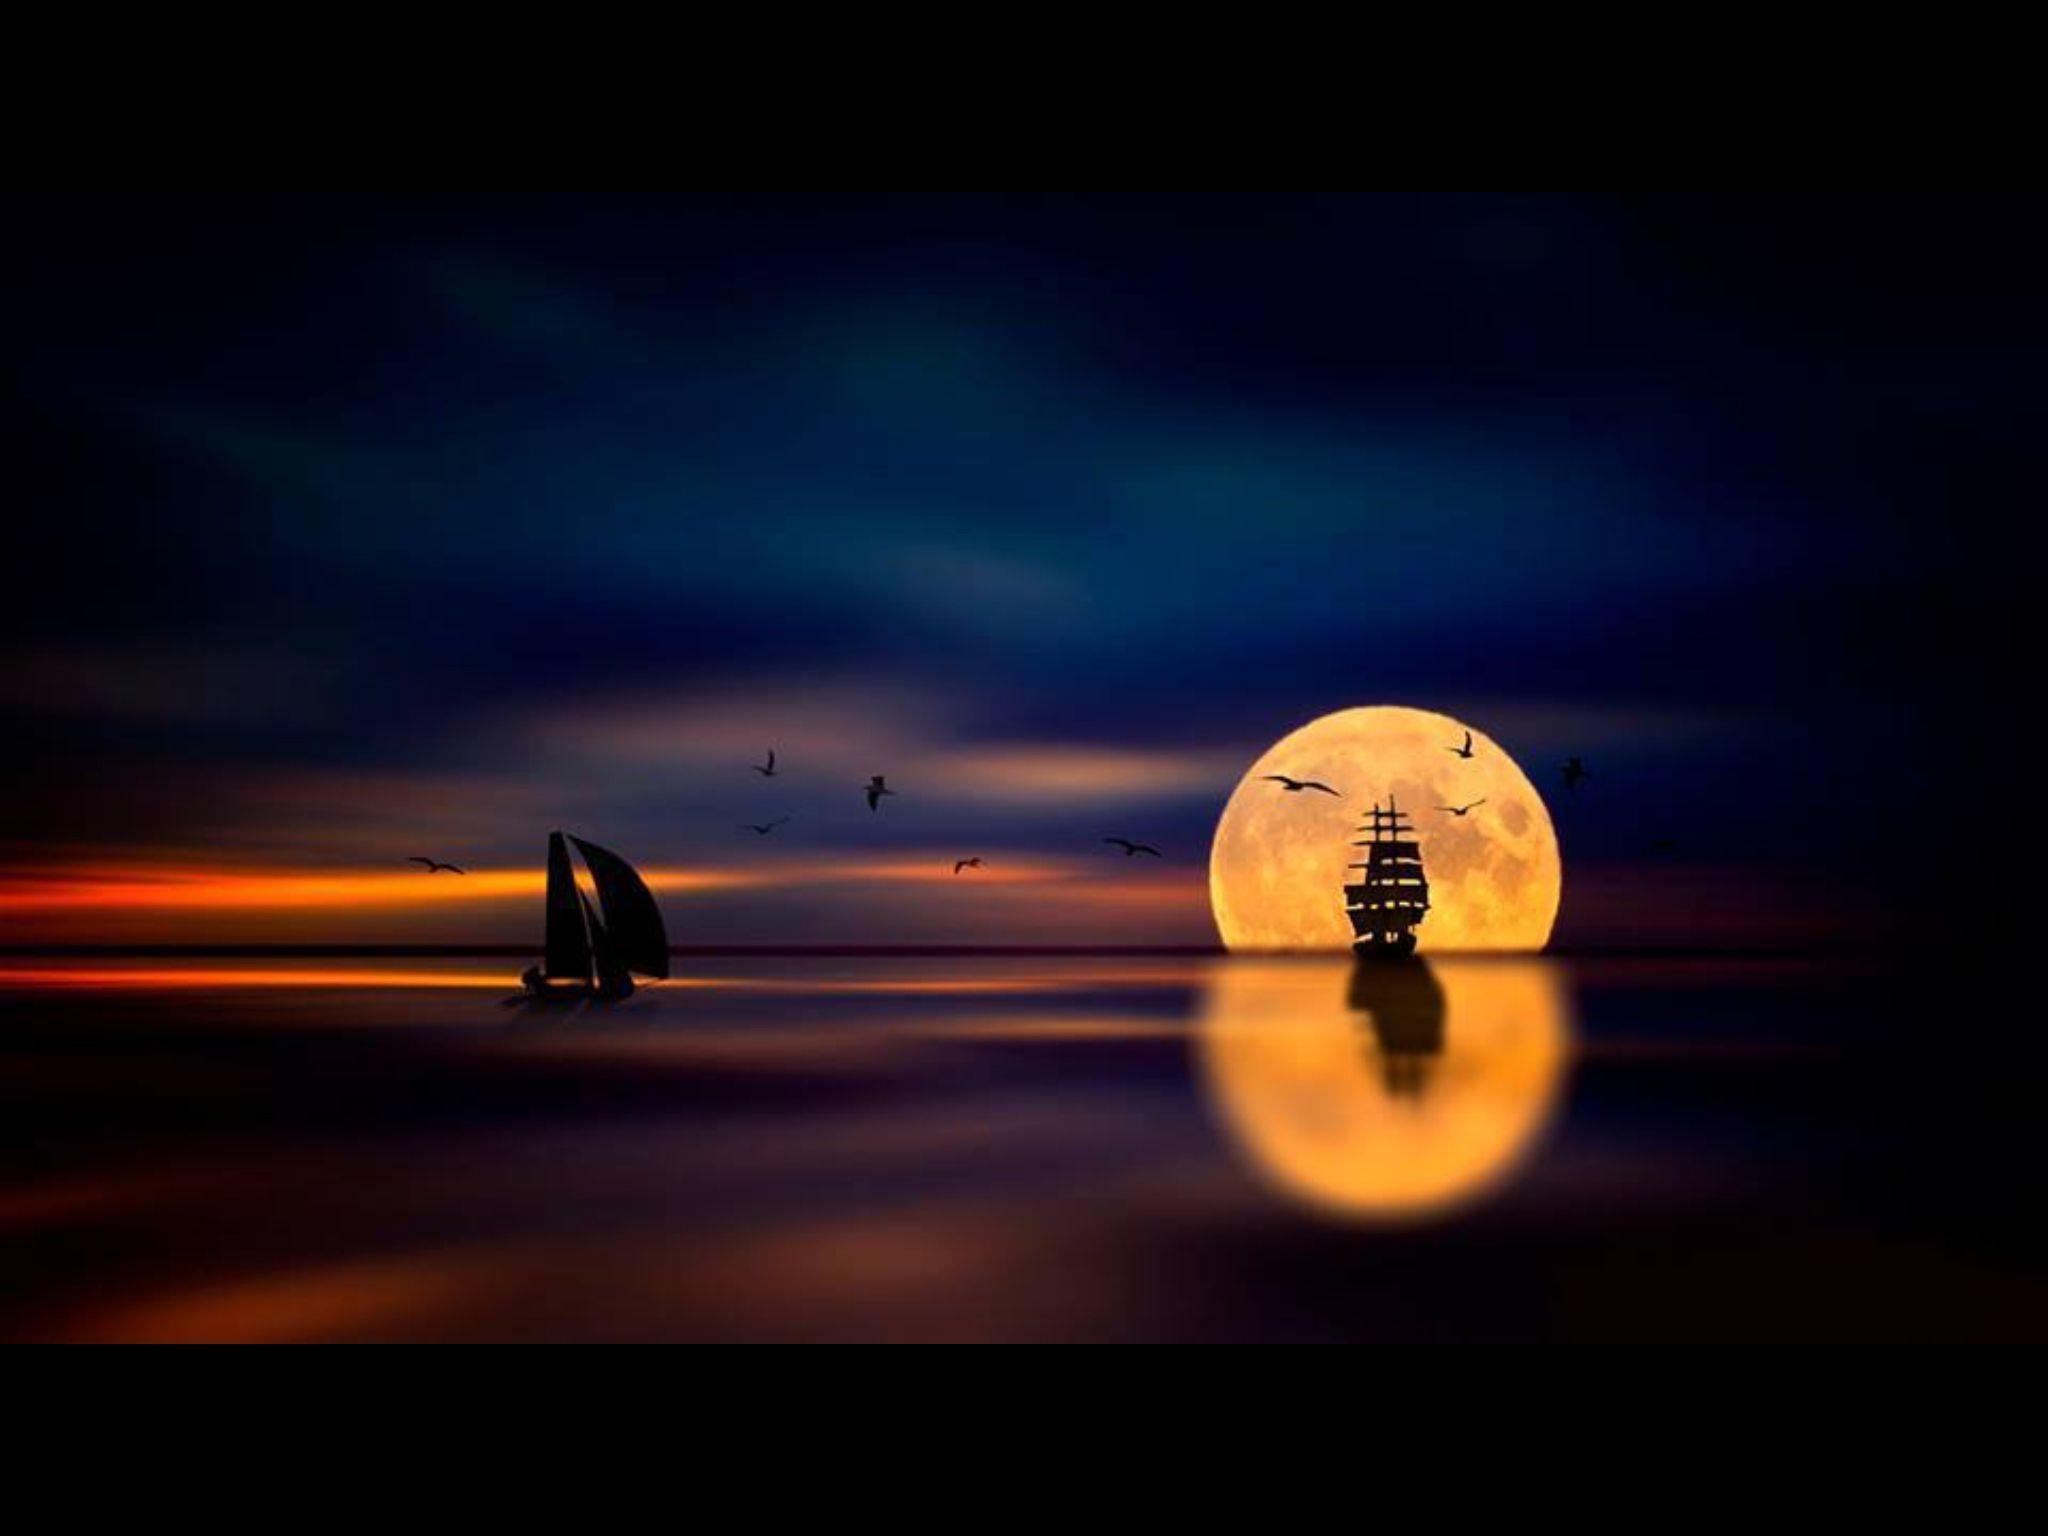 Barcos y luna